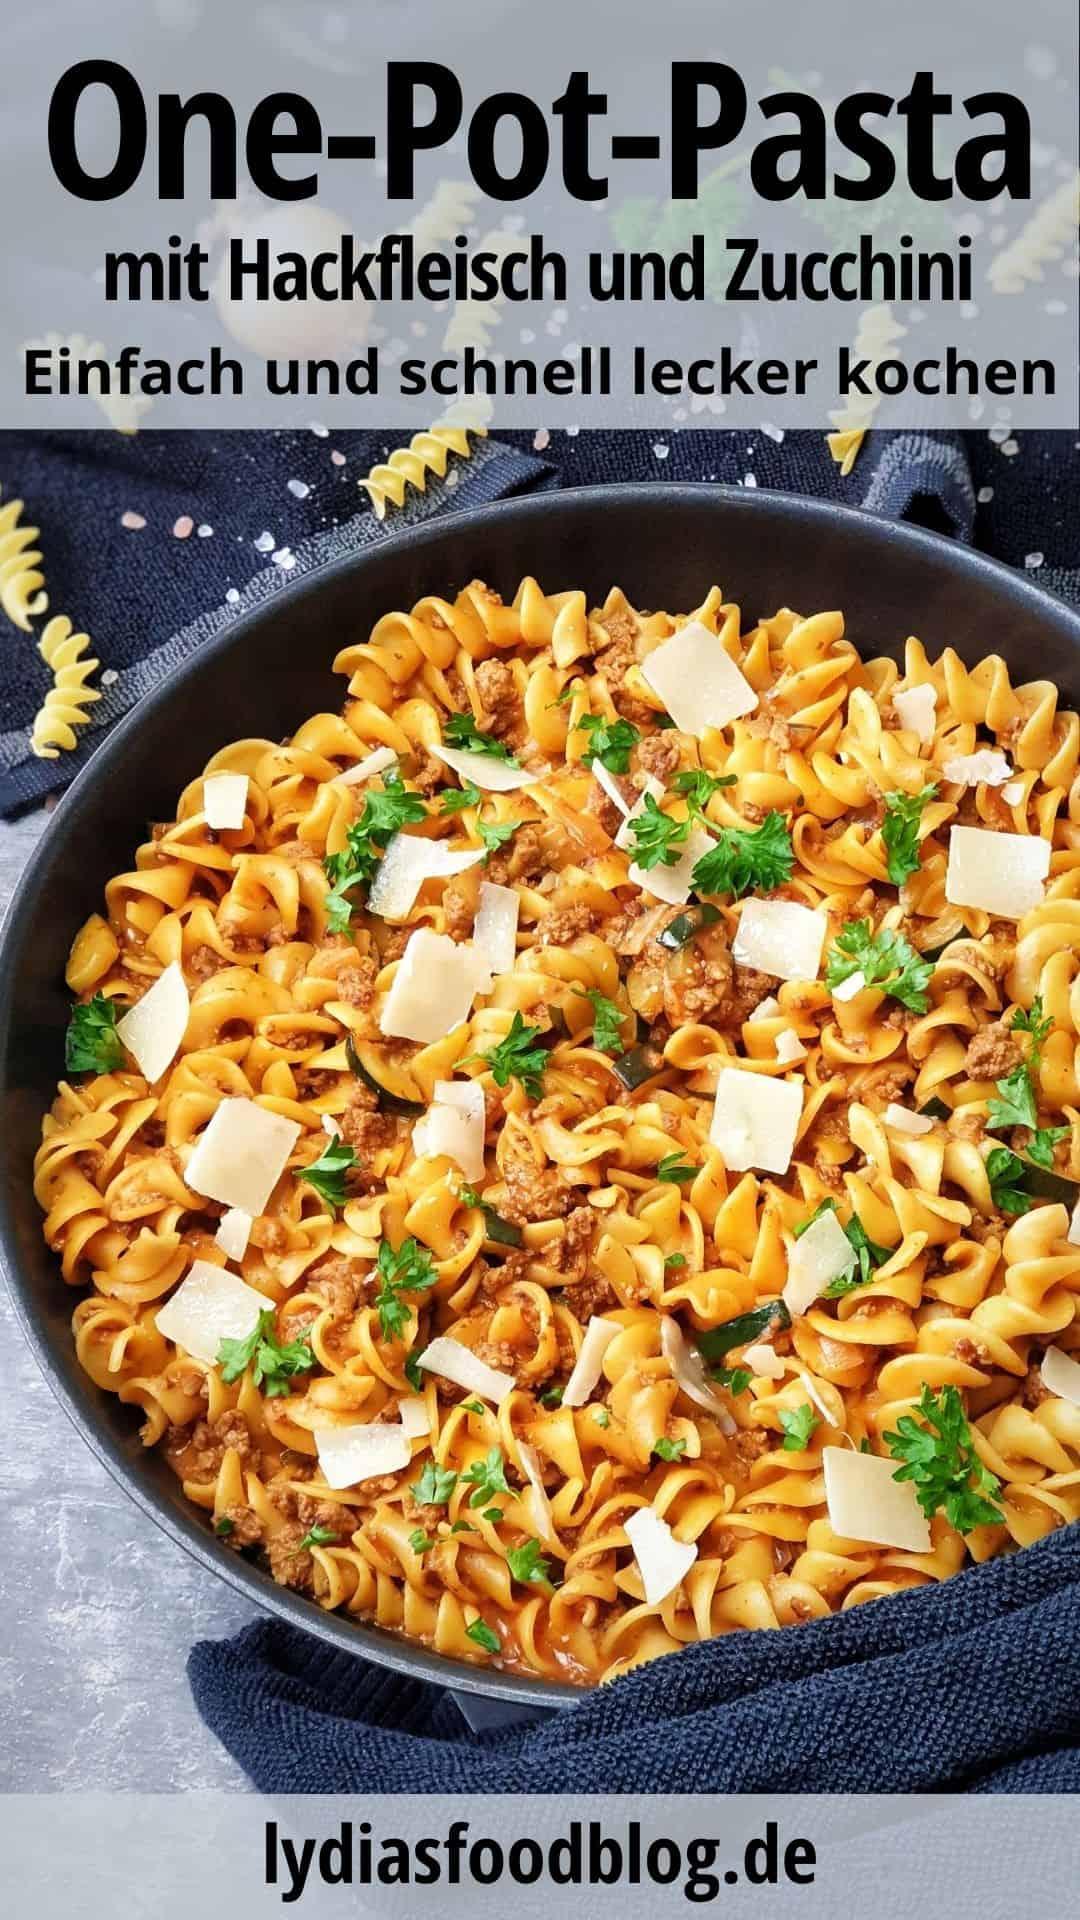 In einer Pfanne Nudel-Hackfleisch-Pfanne mit Zucchini. Mit Parmesan Hobel und Petersilie bestreut. Im Hintergrund Deko.